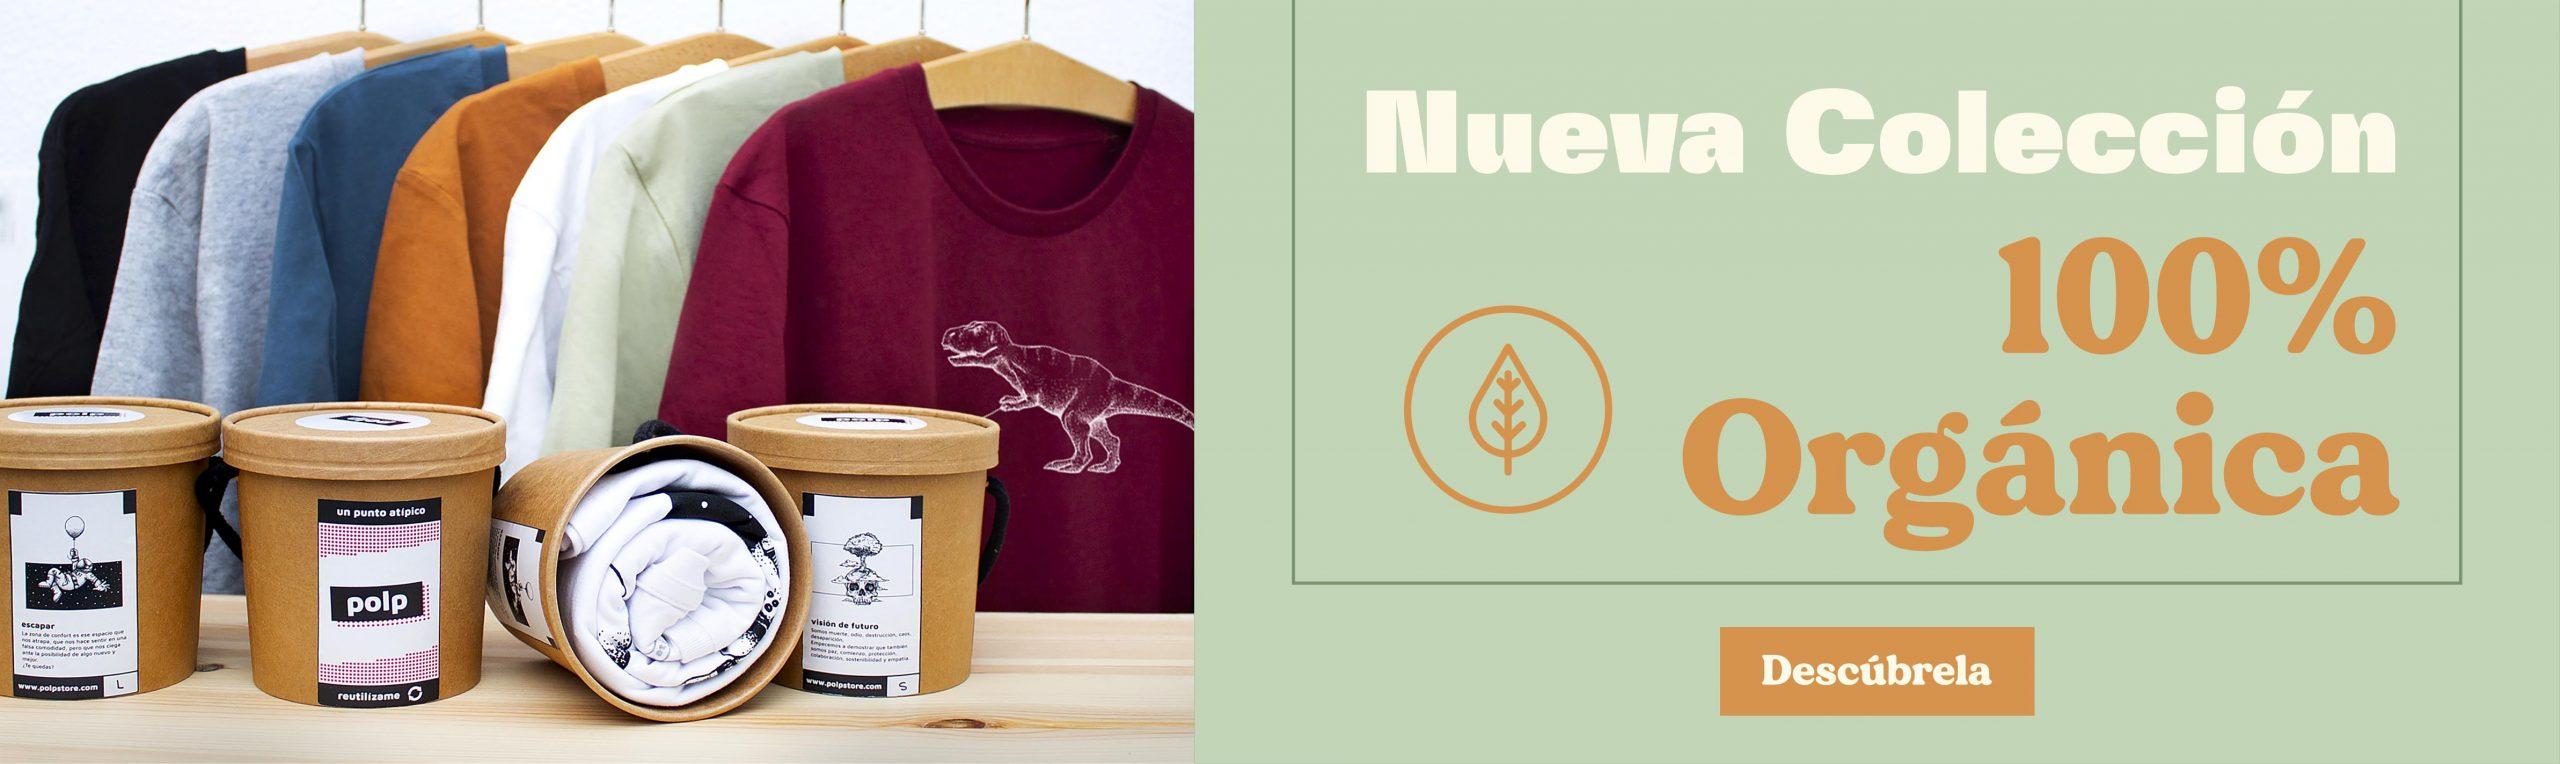 NUEVA colecciÓn de camisetas orgánicas de polp